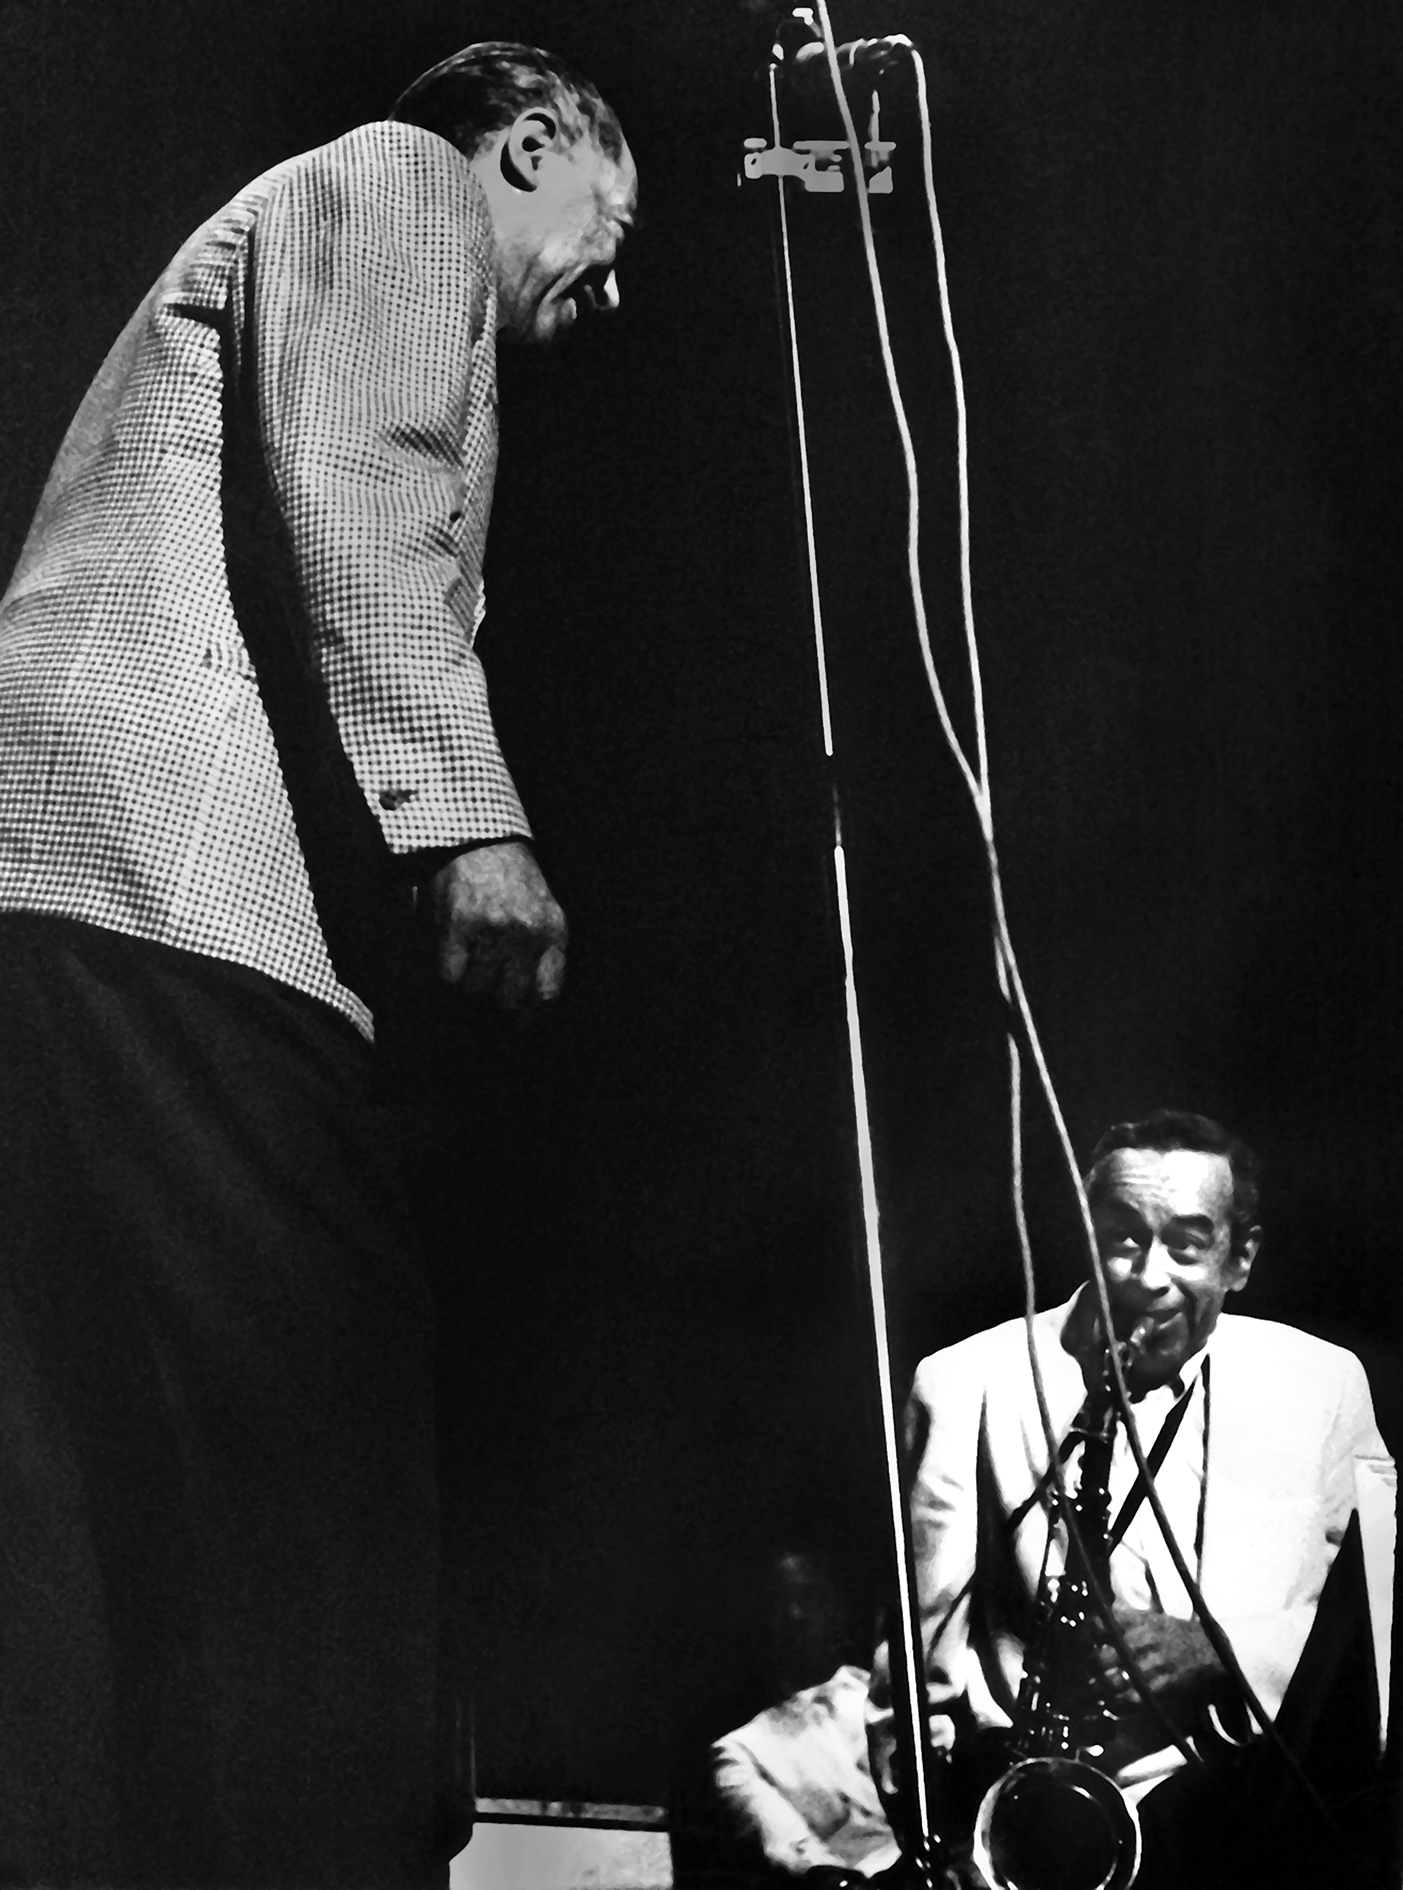 Duke Ellington & Paul Gonsalves